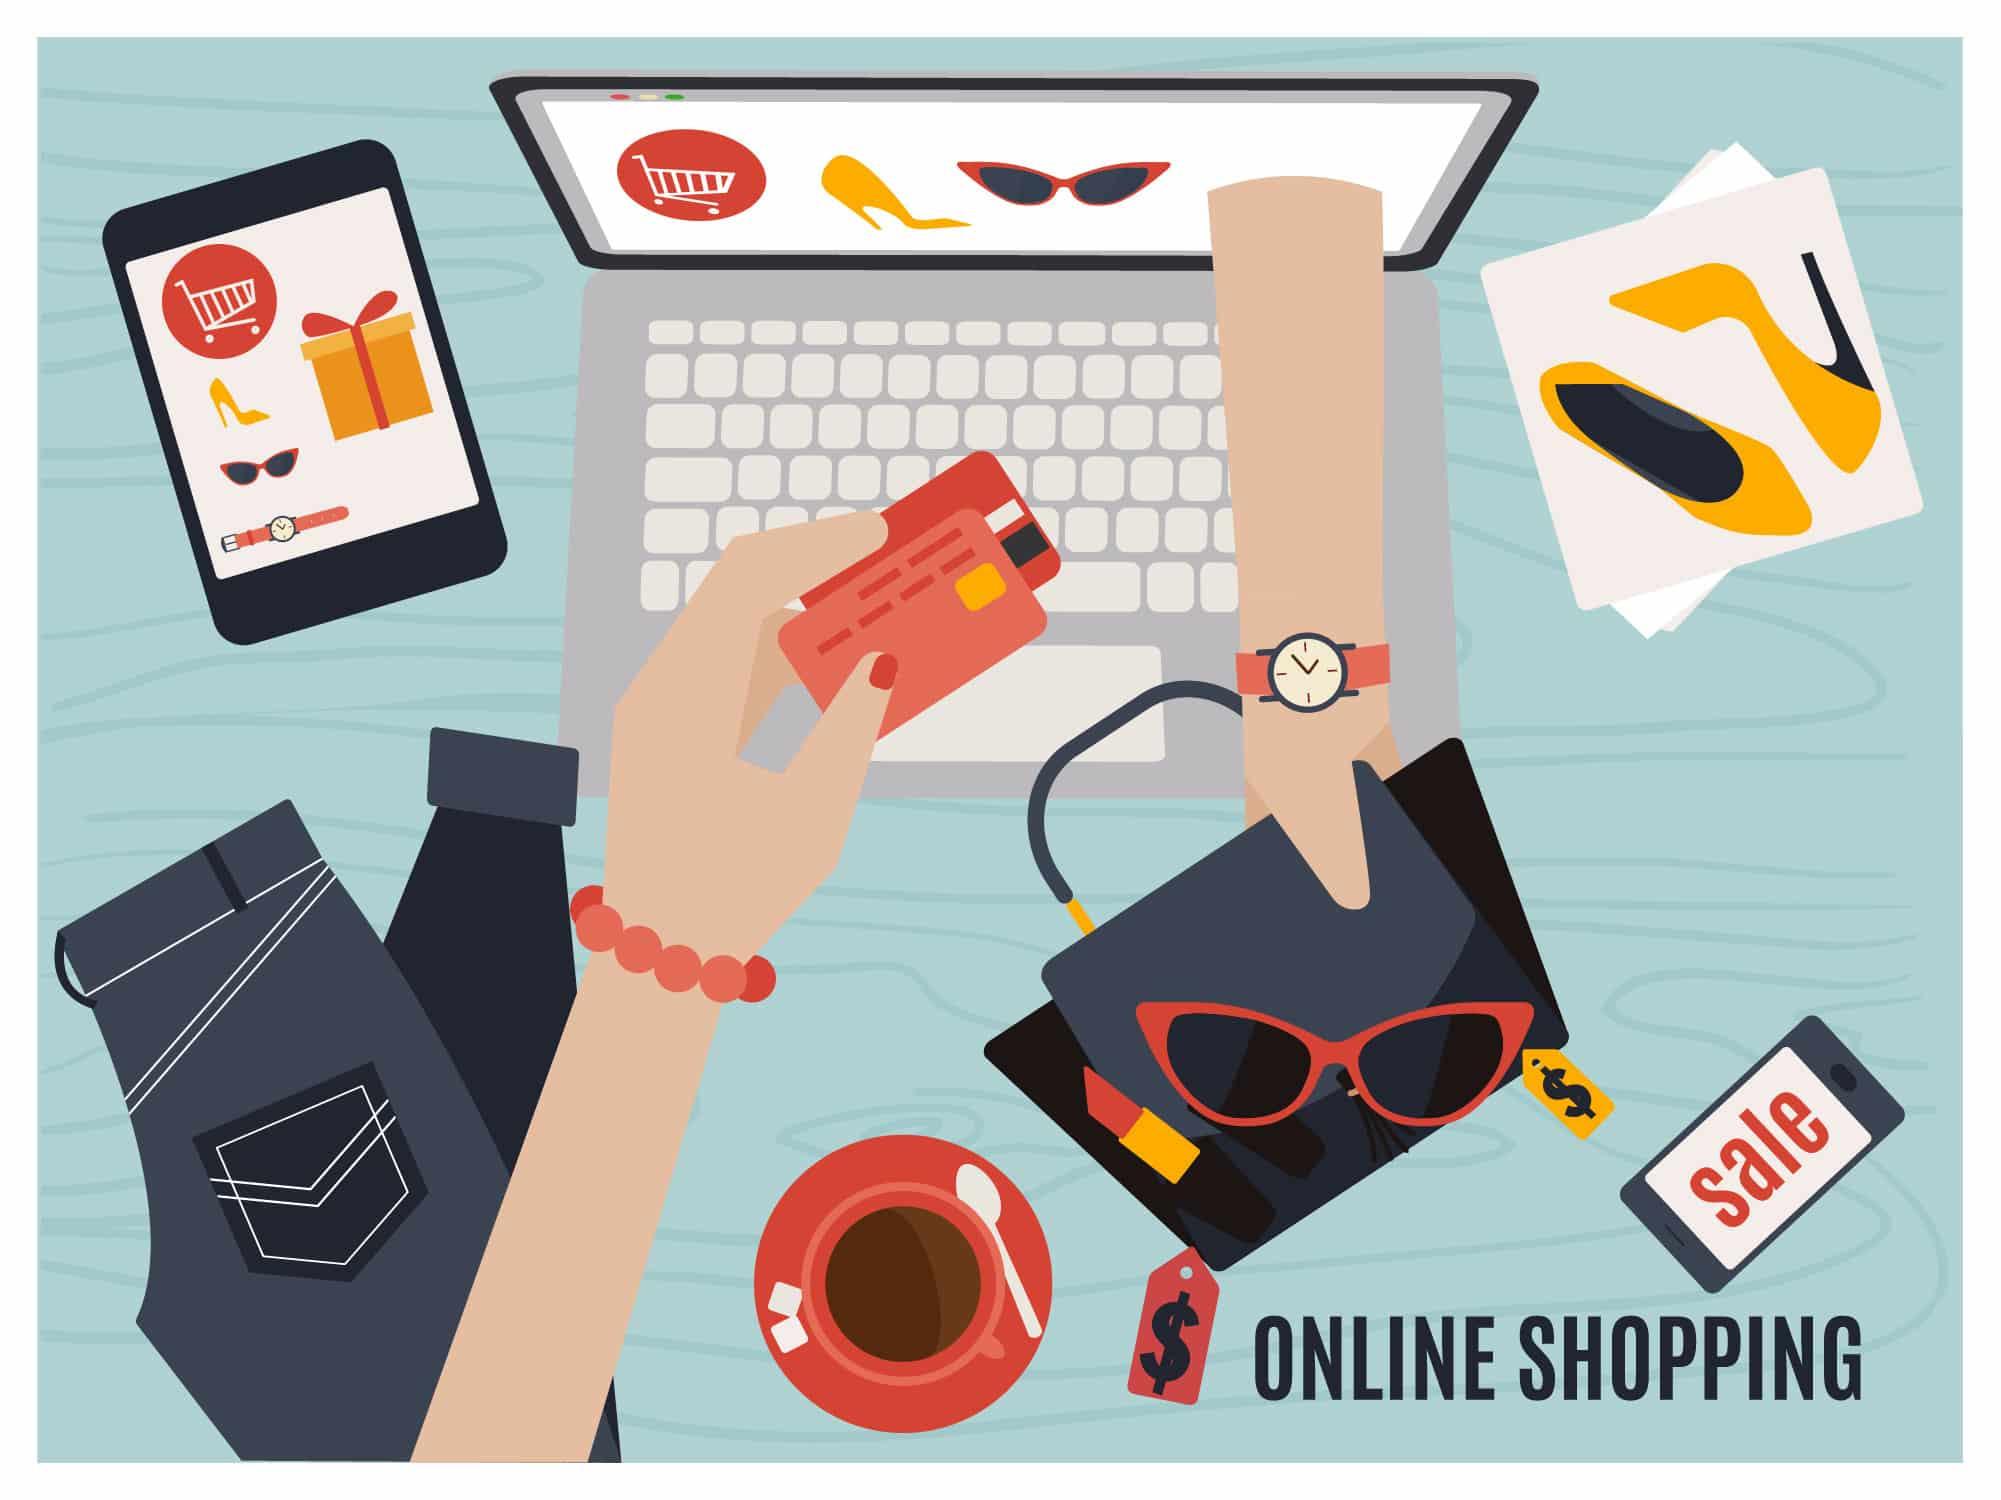 สีแบบไหนถูกฉโลก กับร้านค้าออนไลน์ของคุณ